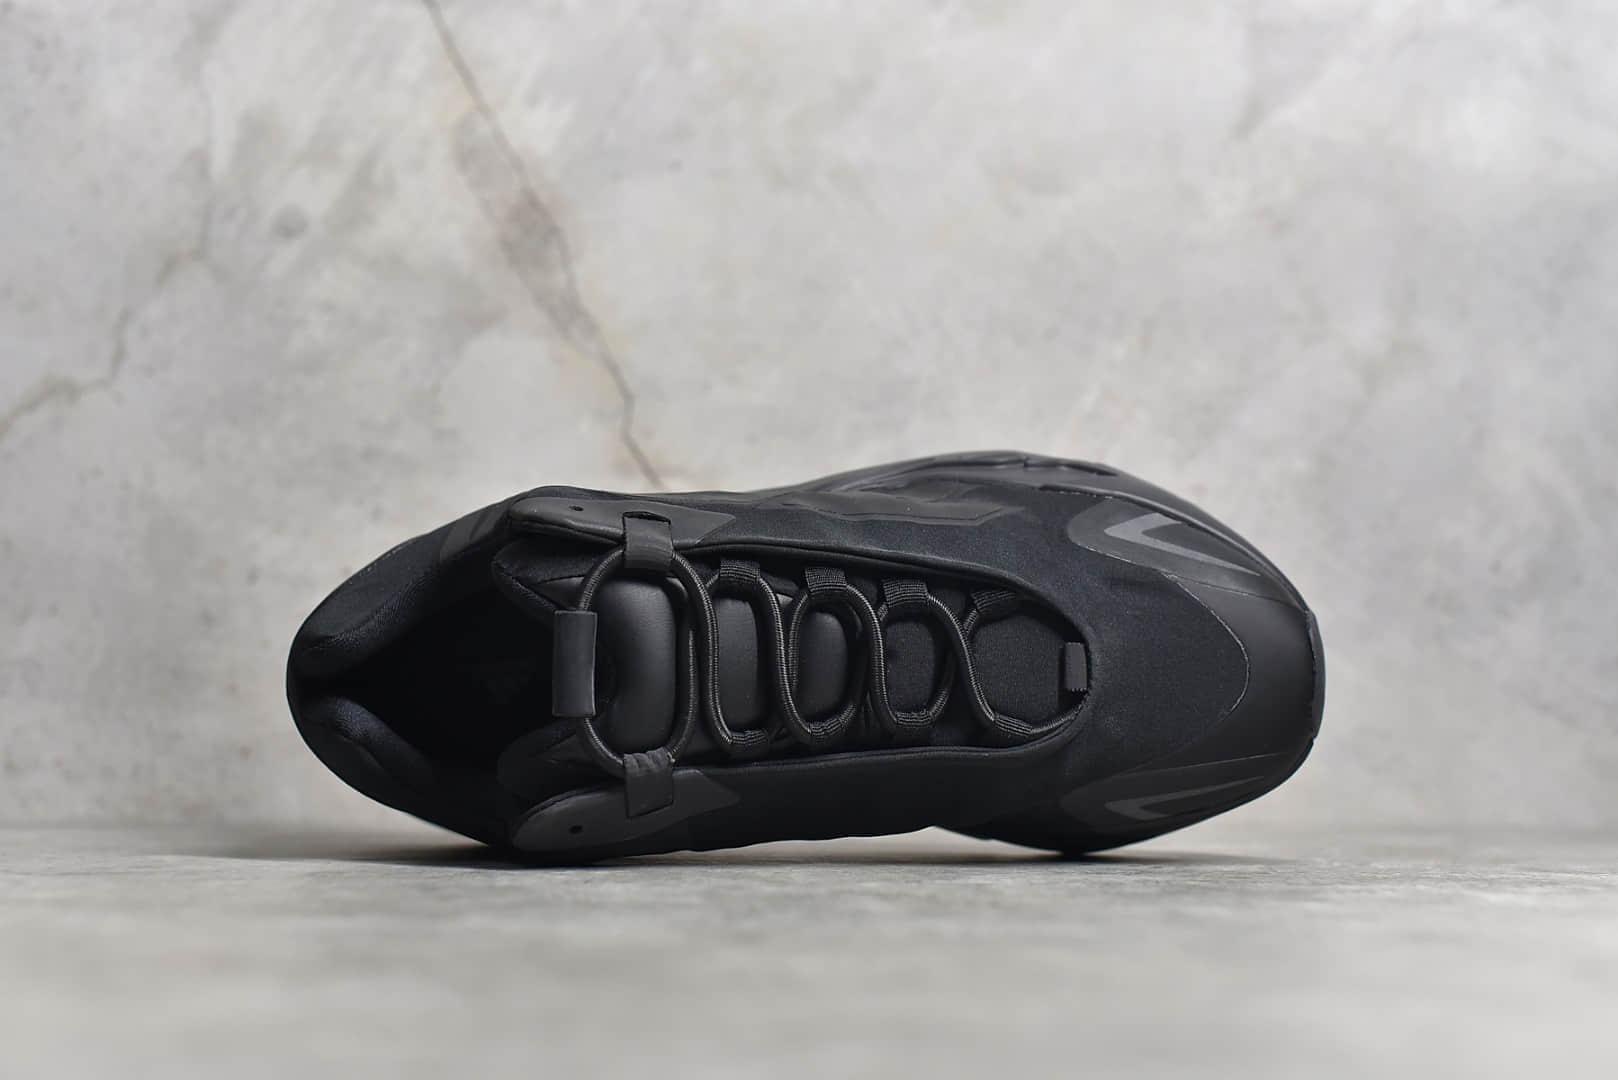 椰子700MNVN黑武士 adidas originals Yeezy Boost 700 MNVN 莆田OG纯原版本椰子货源 货号:FV4440-潮流者之家